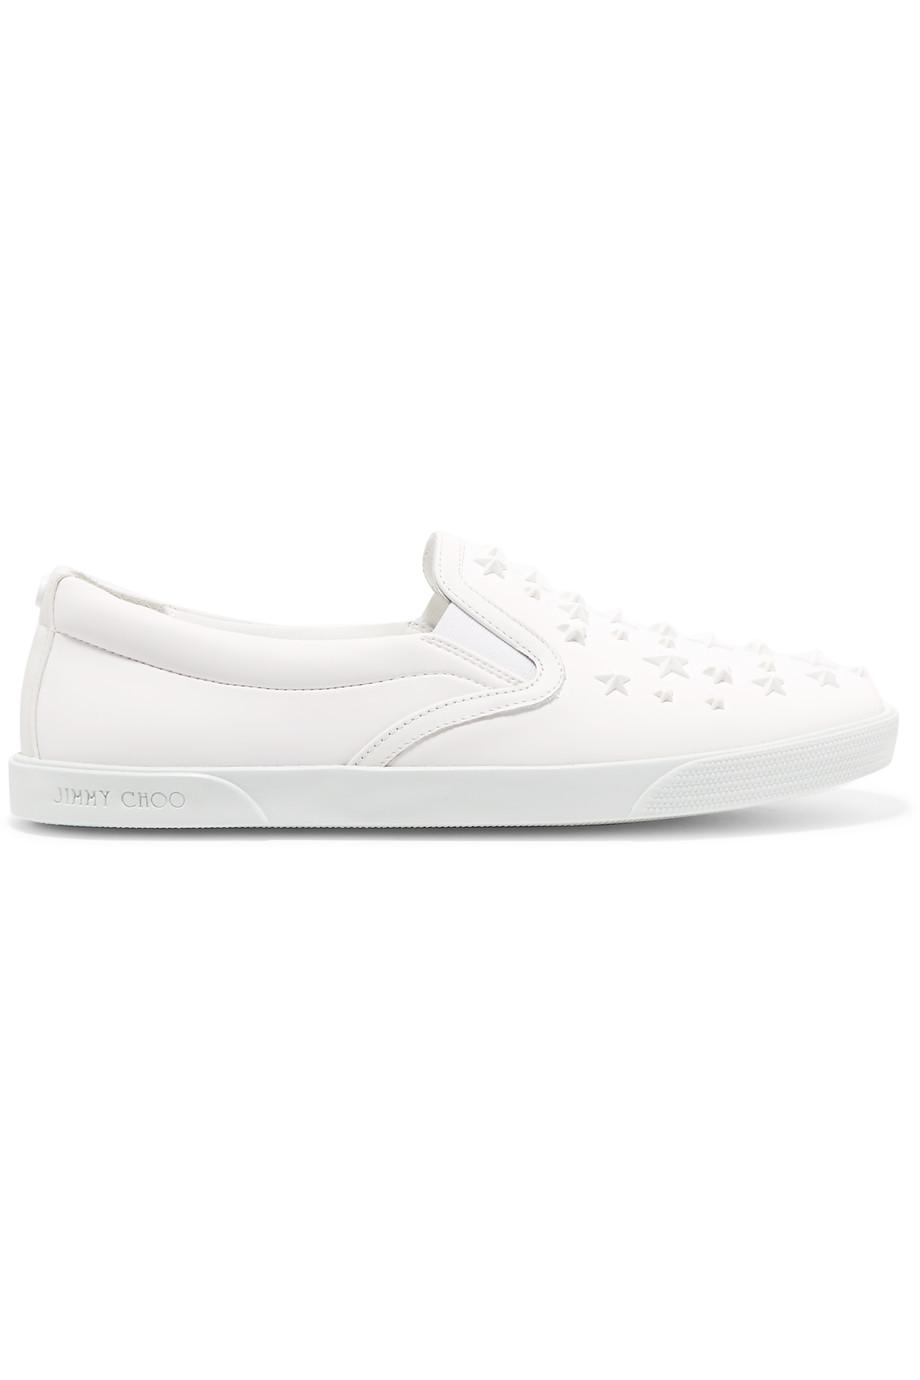 5 Sneakers Putih yang Cocok untuk Pengantin